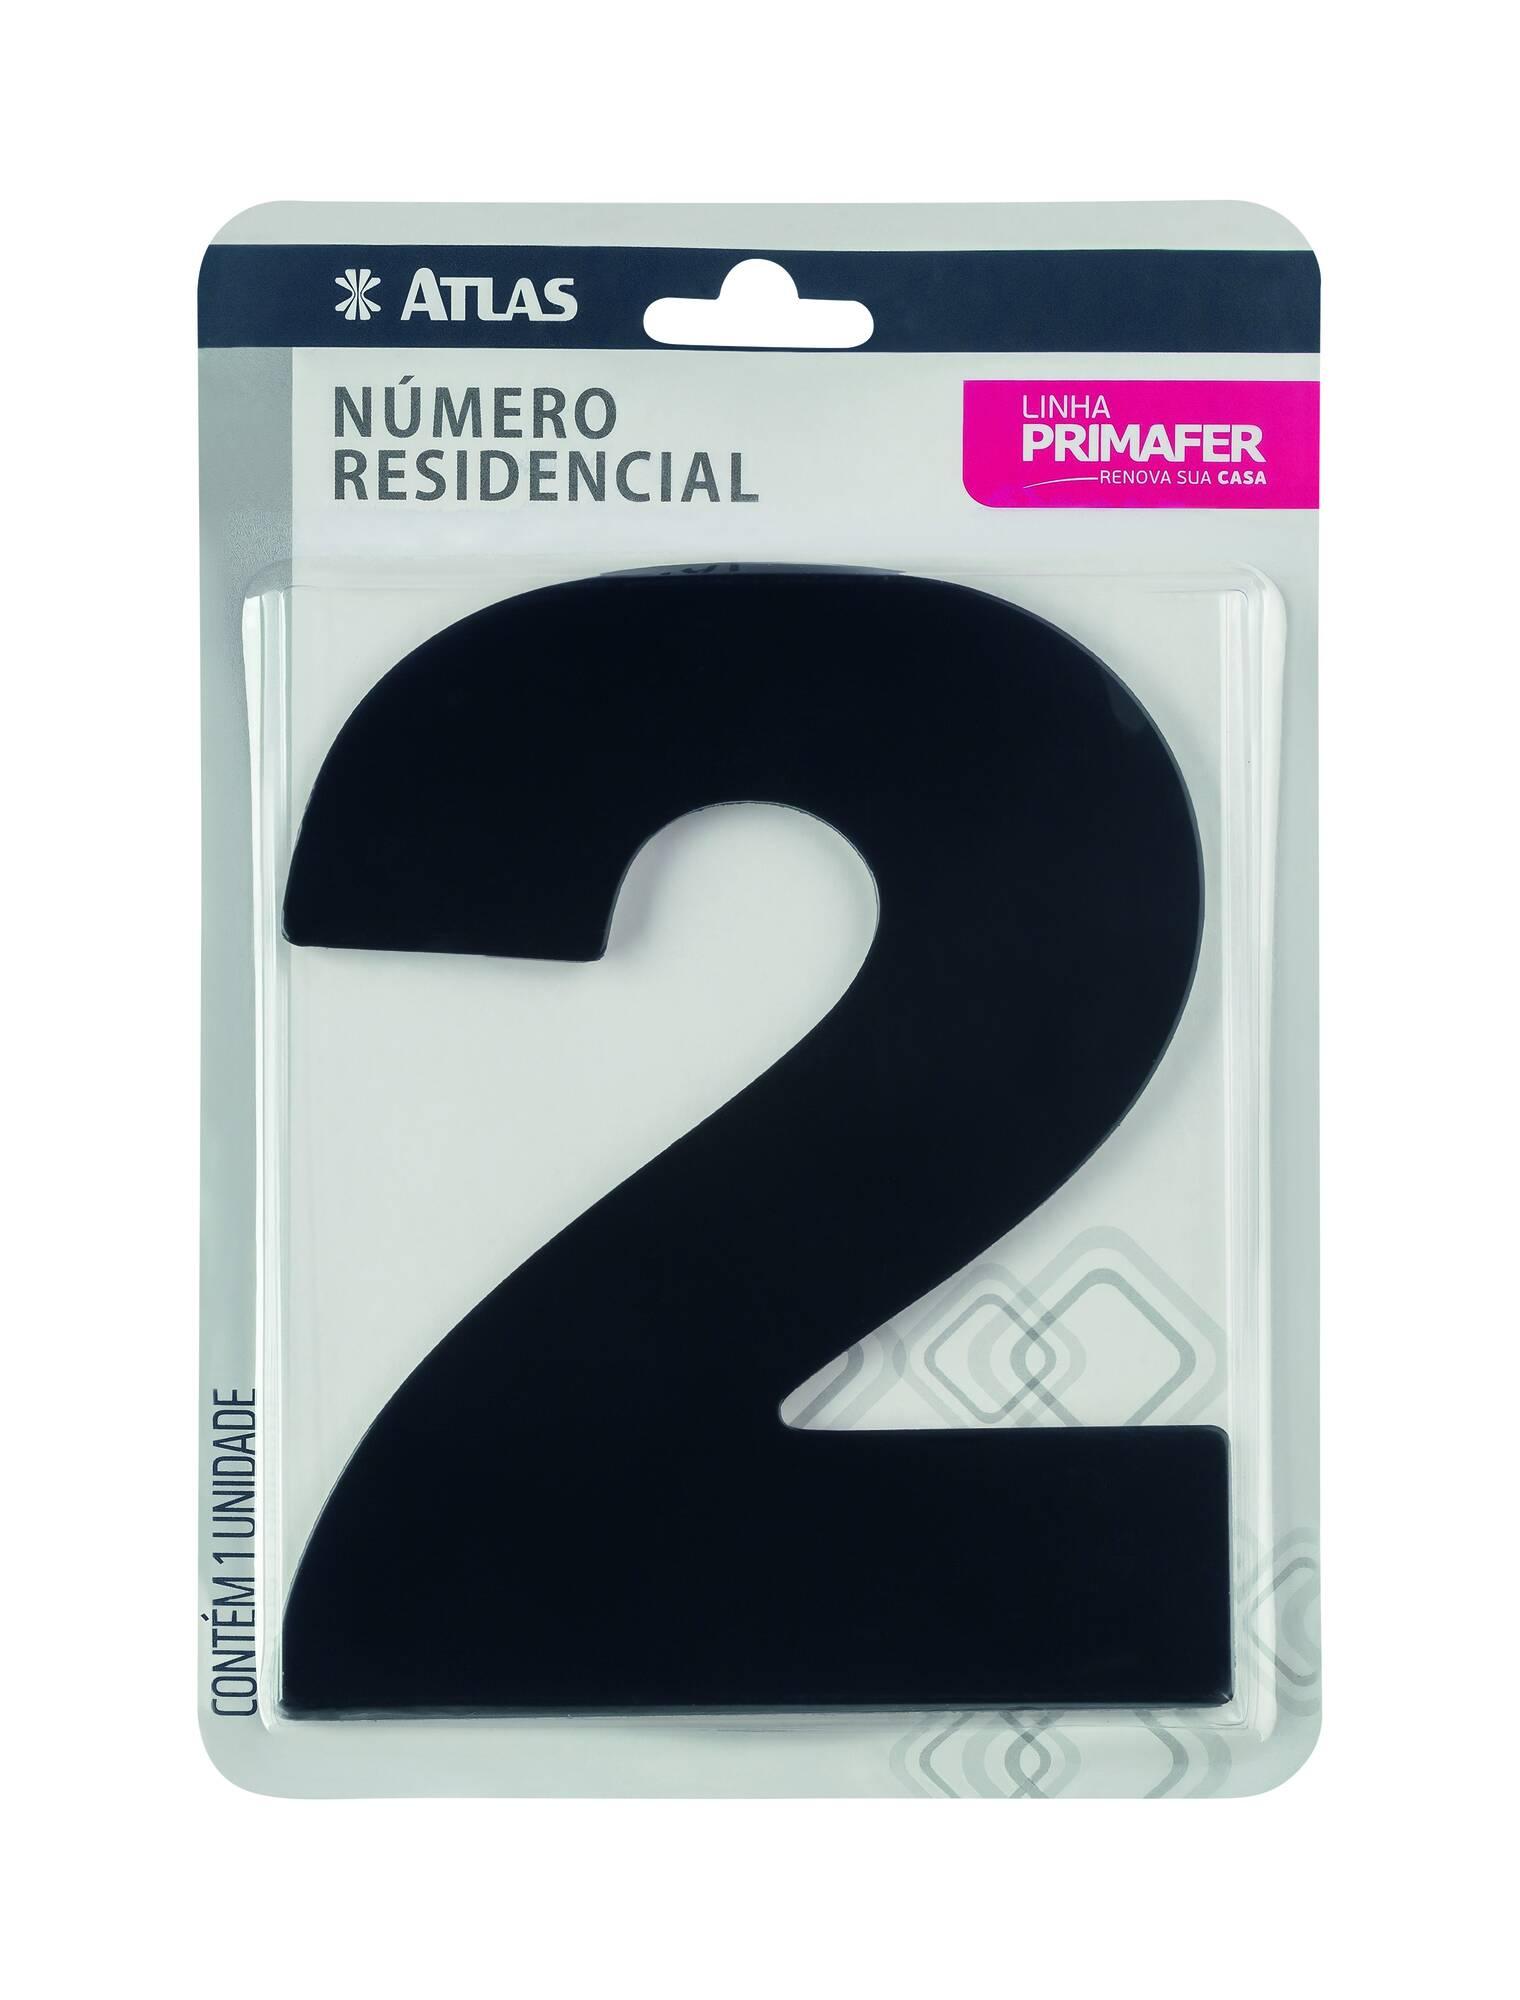 Número Residencial Adesivo Preto N° 2 Atlas PR3000/2.